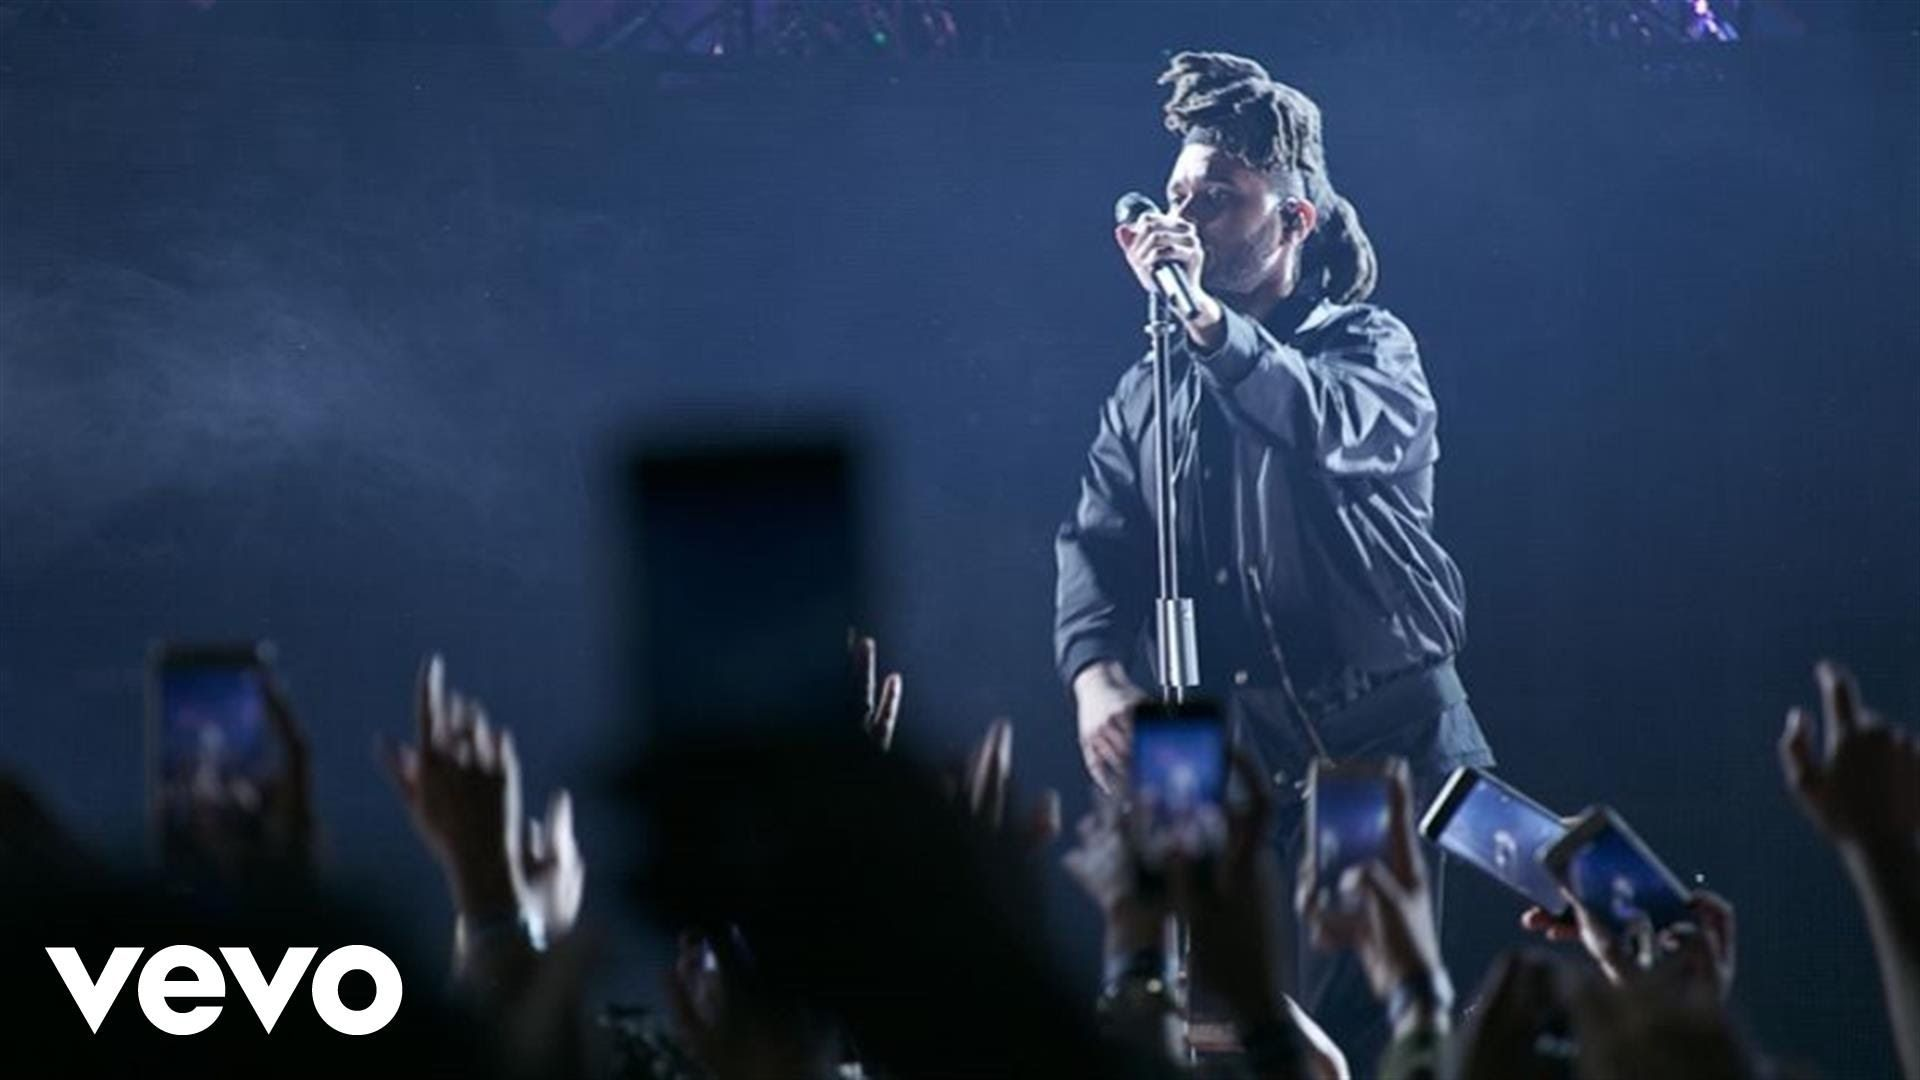 The Weeknd Macbook Wallpapers Top Free The Weeknd Macbook